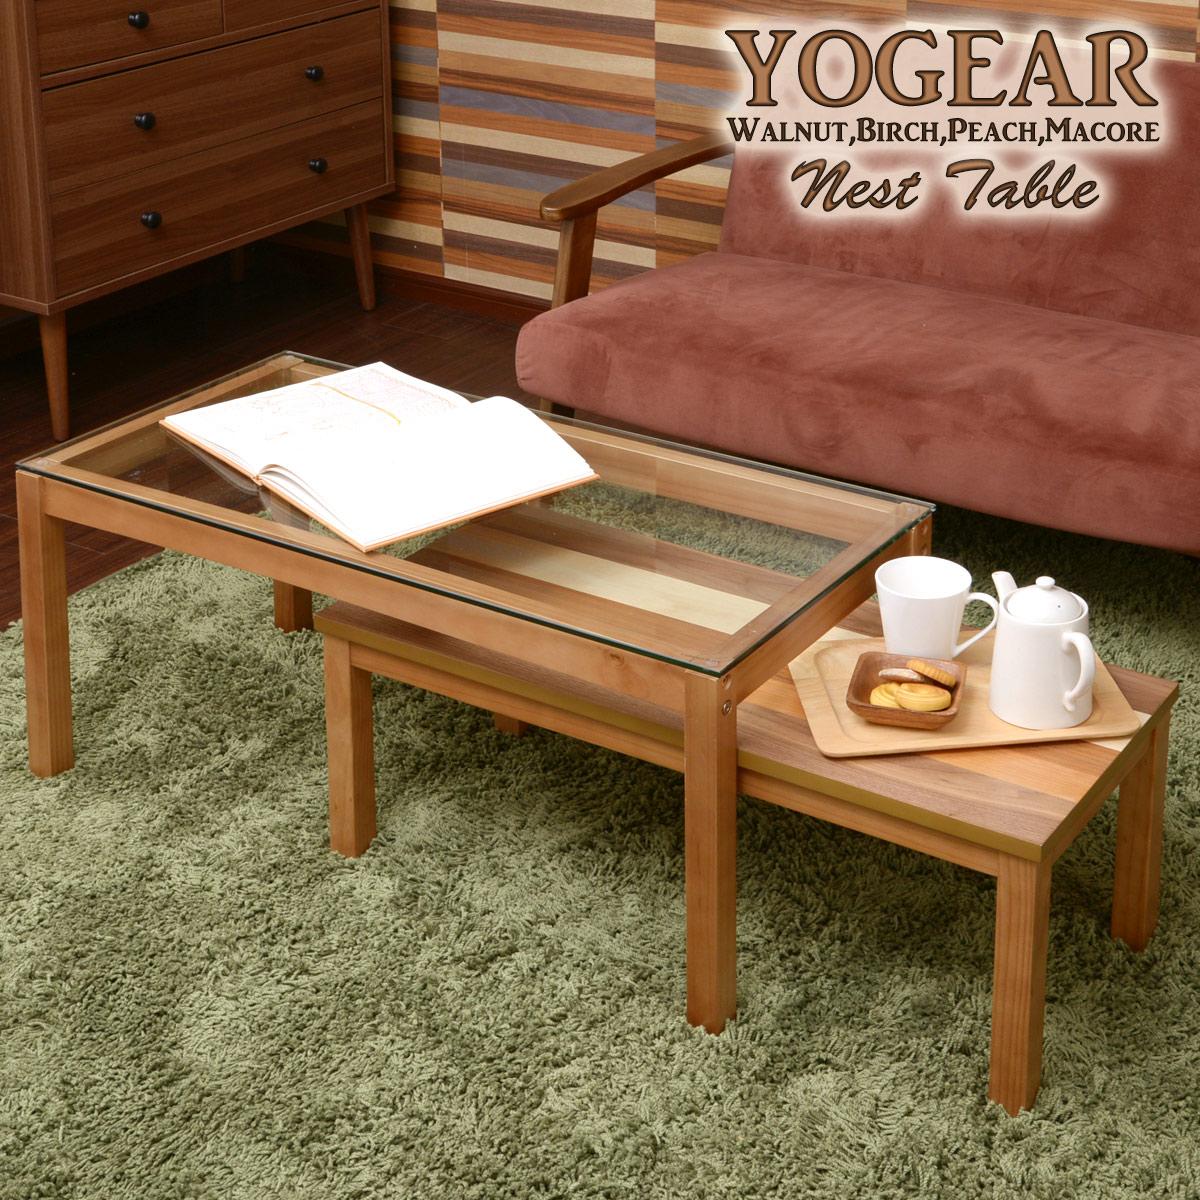 YOGEAR ネストテーブル